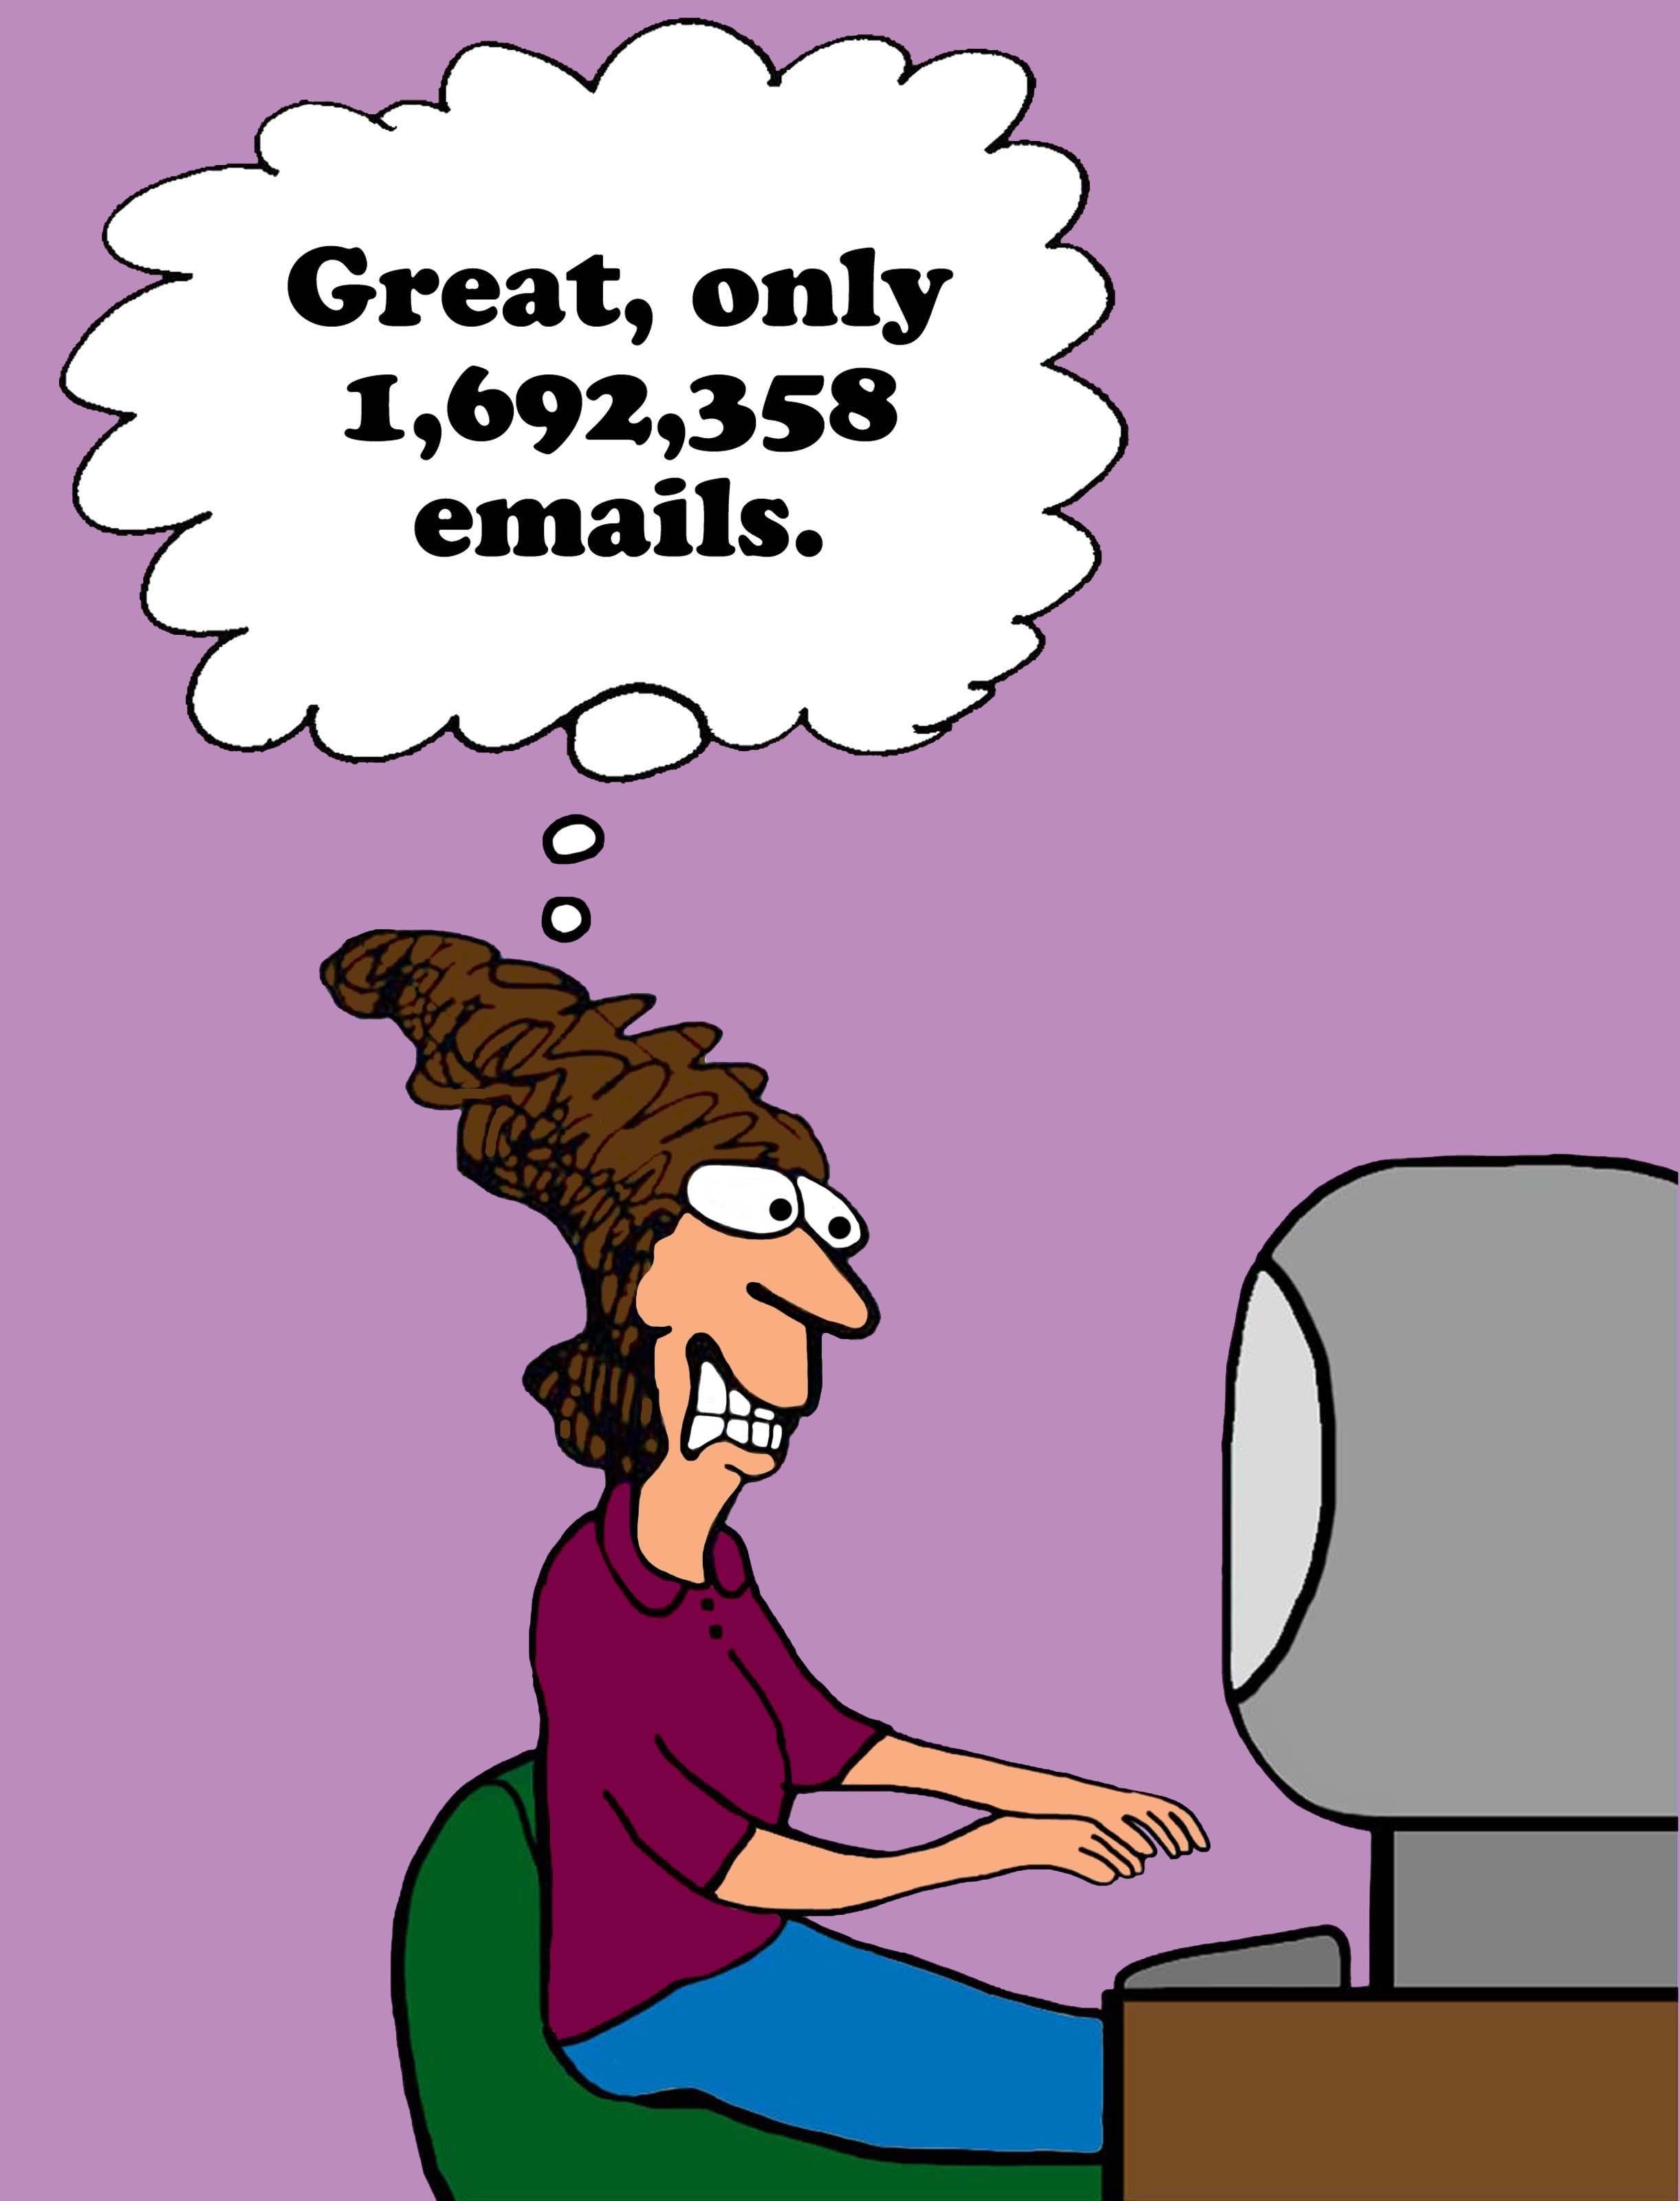 Tem het email monster, minder email?